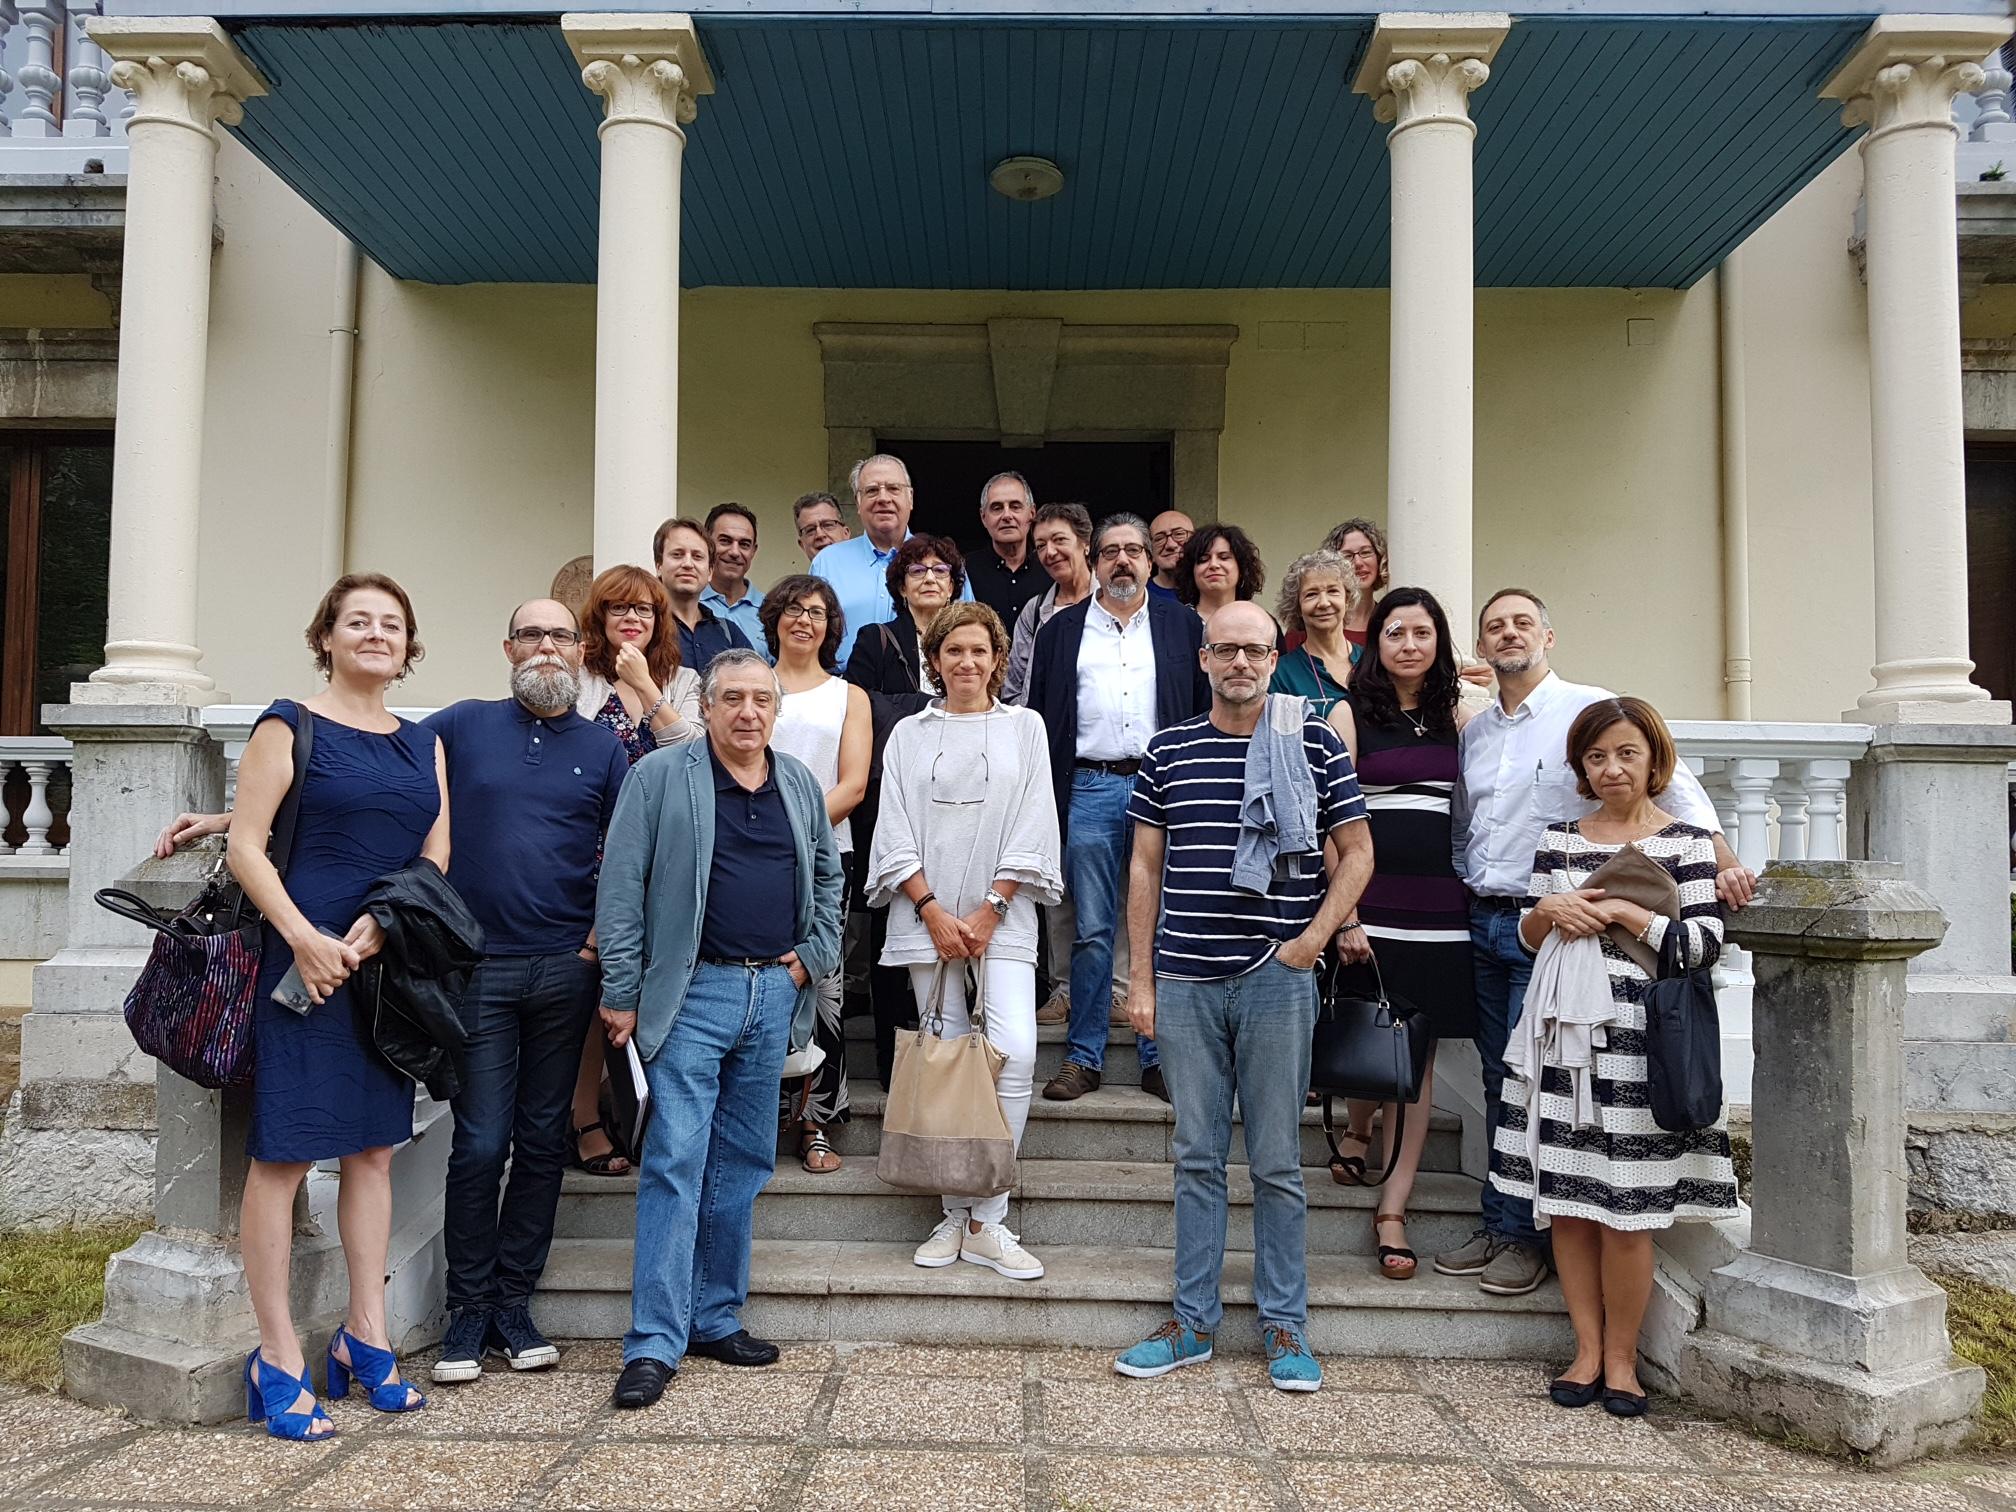 El Encuentro de Escritores y Críticos de las Letras Españolas se suma al VIII Centenario reflexionando sobre la creación literaria en la universidad